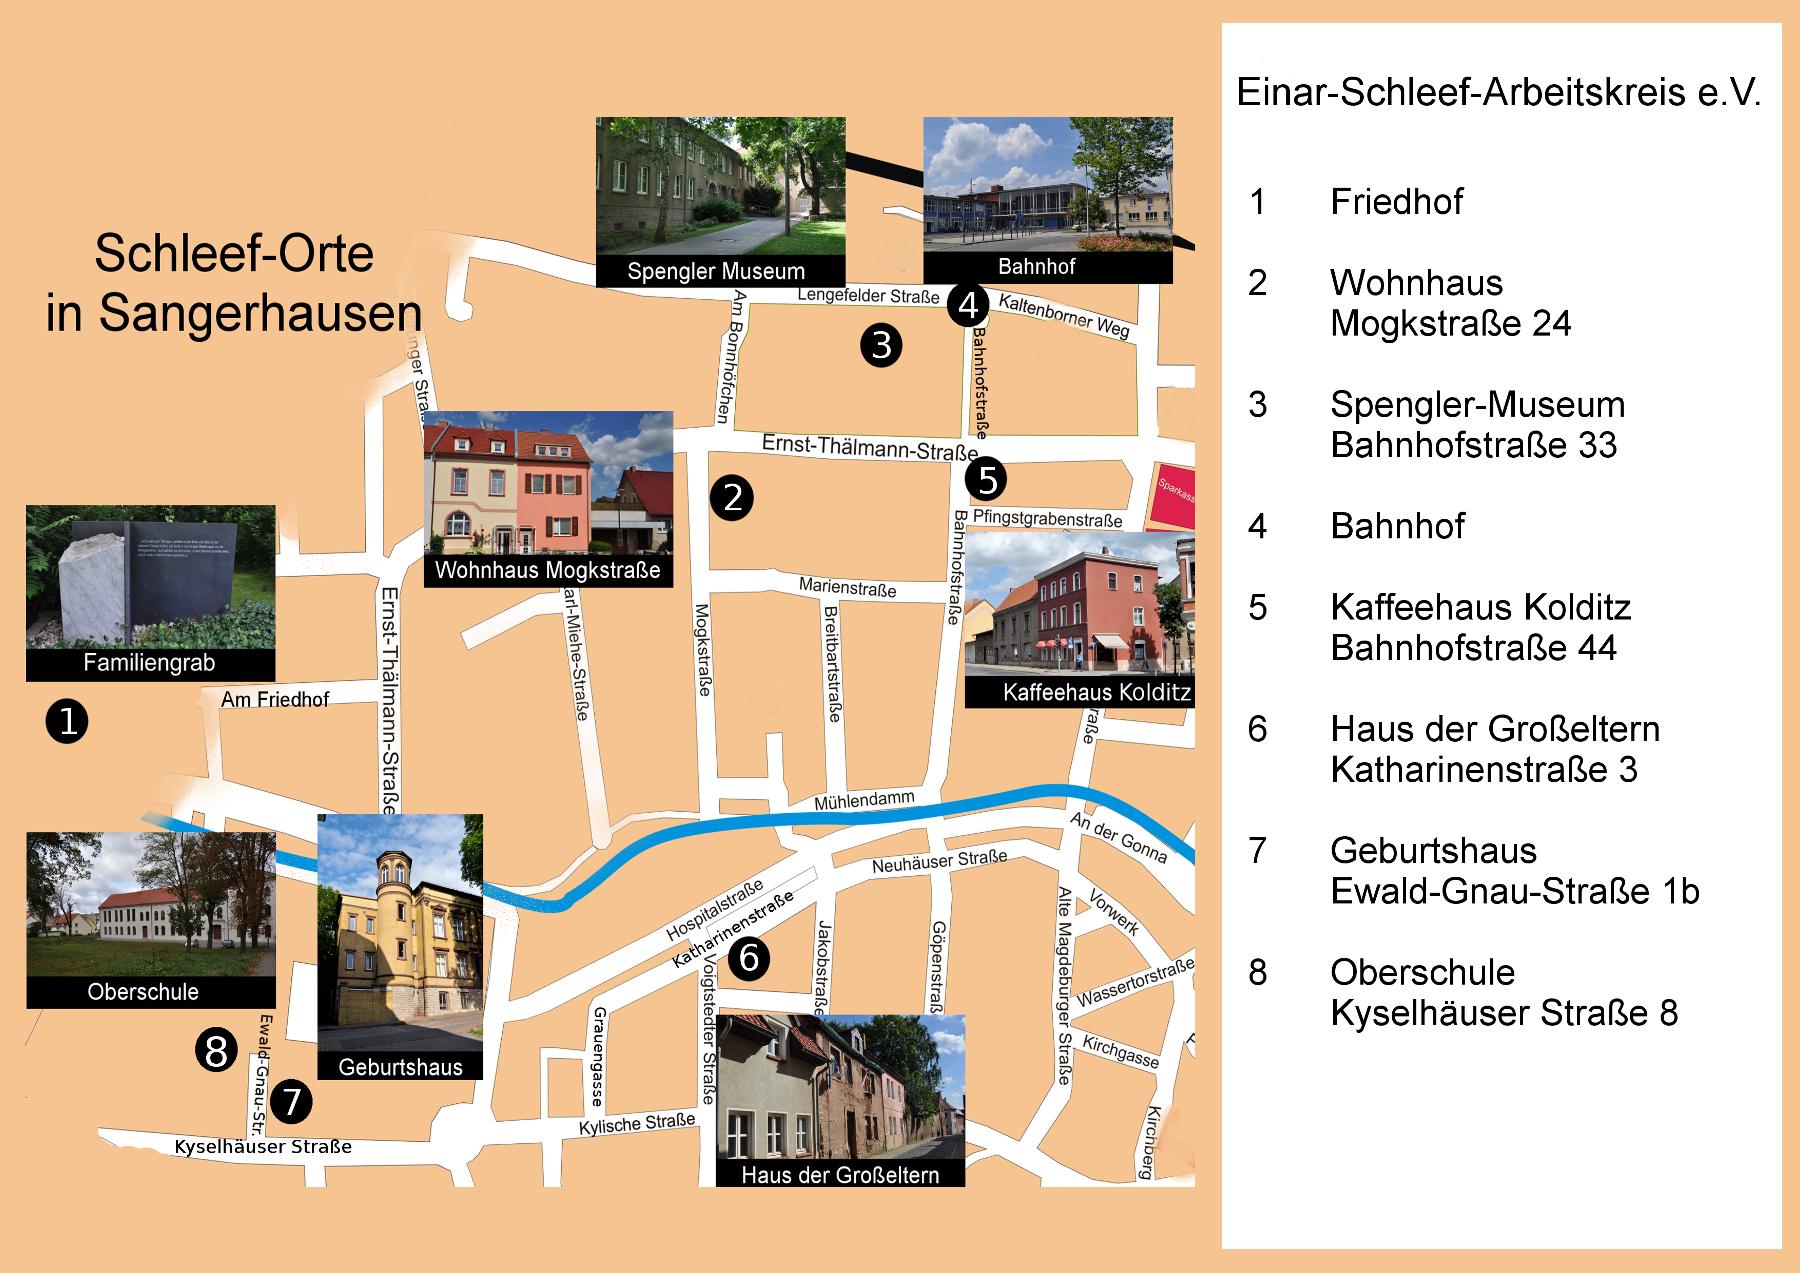 flyer_schleef-orte_seite1_2014_08